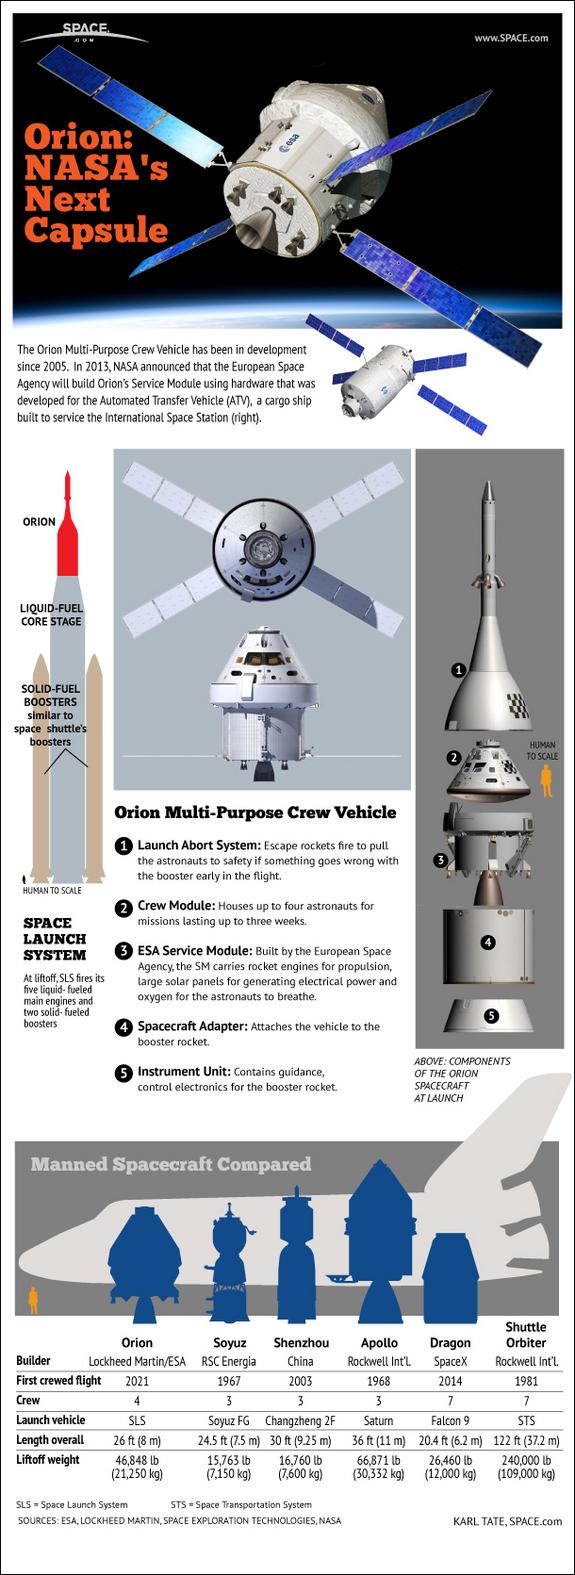 mpcv-orion-capsule-comparison-apollo-shutttle-infographic-130117a-02.jpg